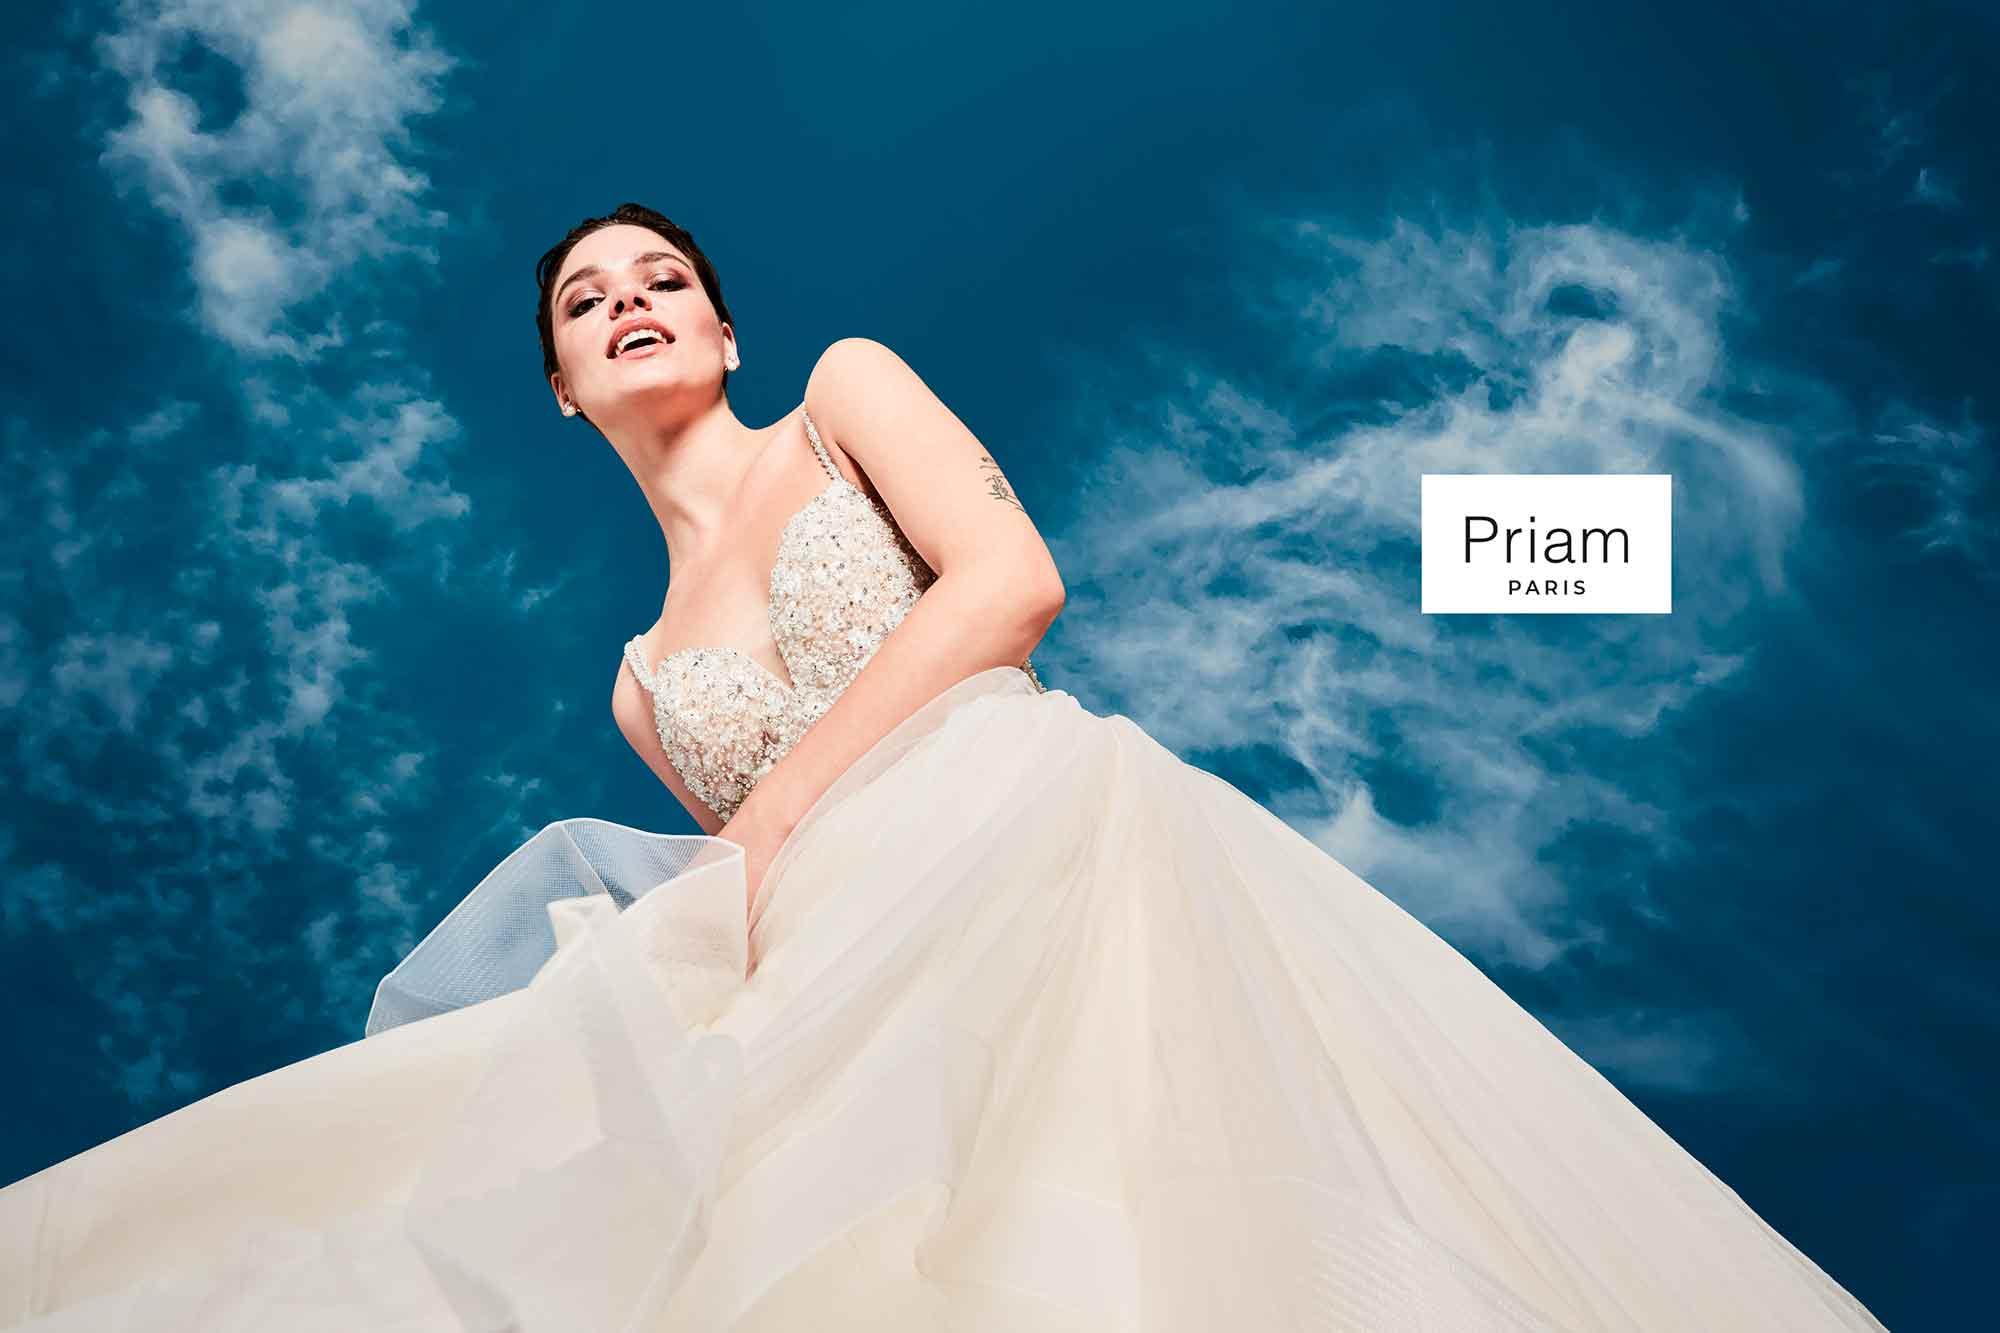 Les Gauchers Studio pour Priam Robes de Mariées 2020